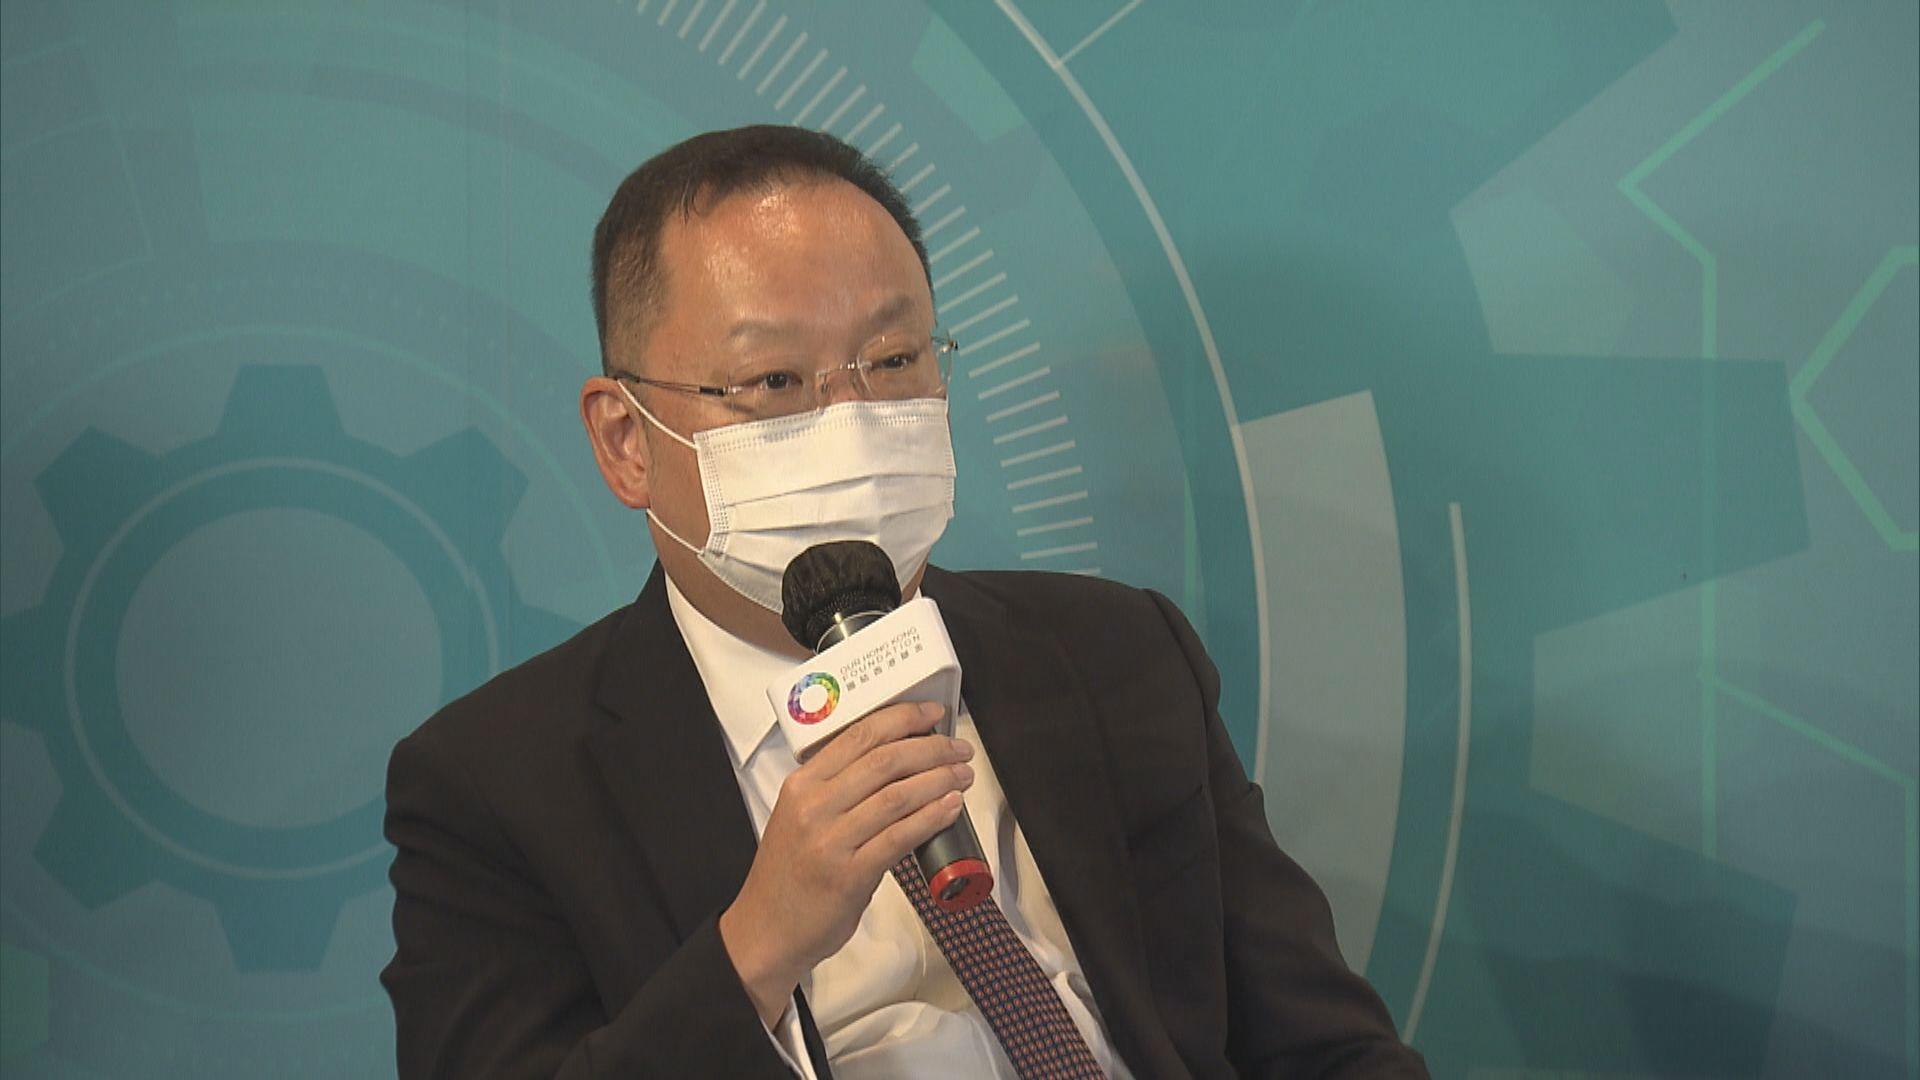 團結香港基金研究報告 倡設大灣區資歷互認機制